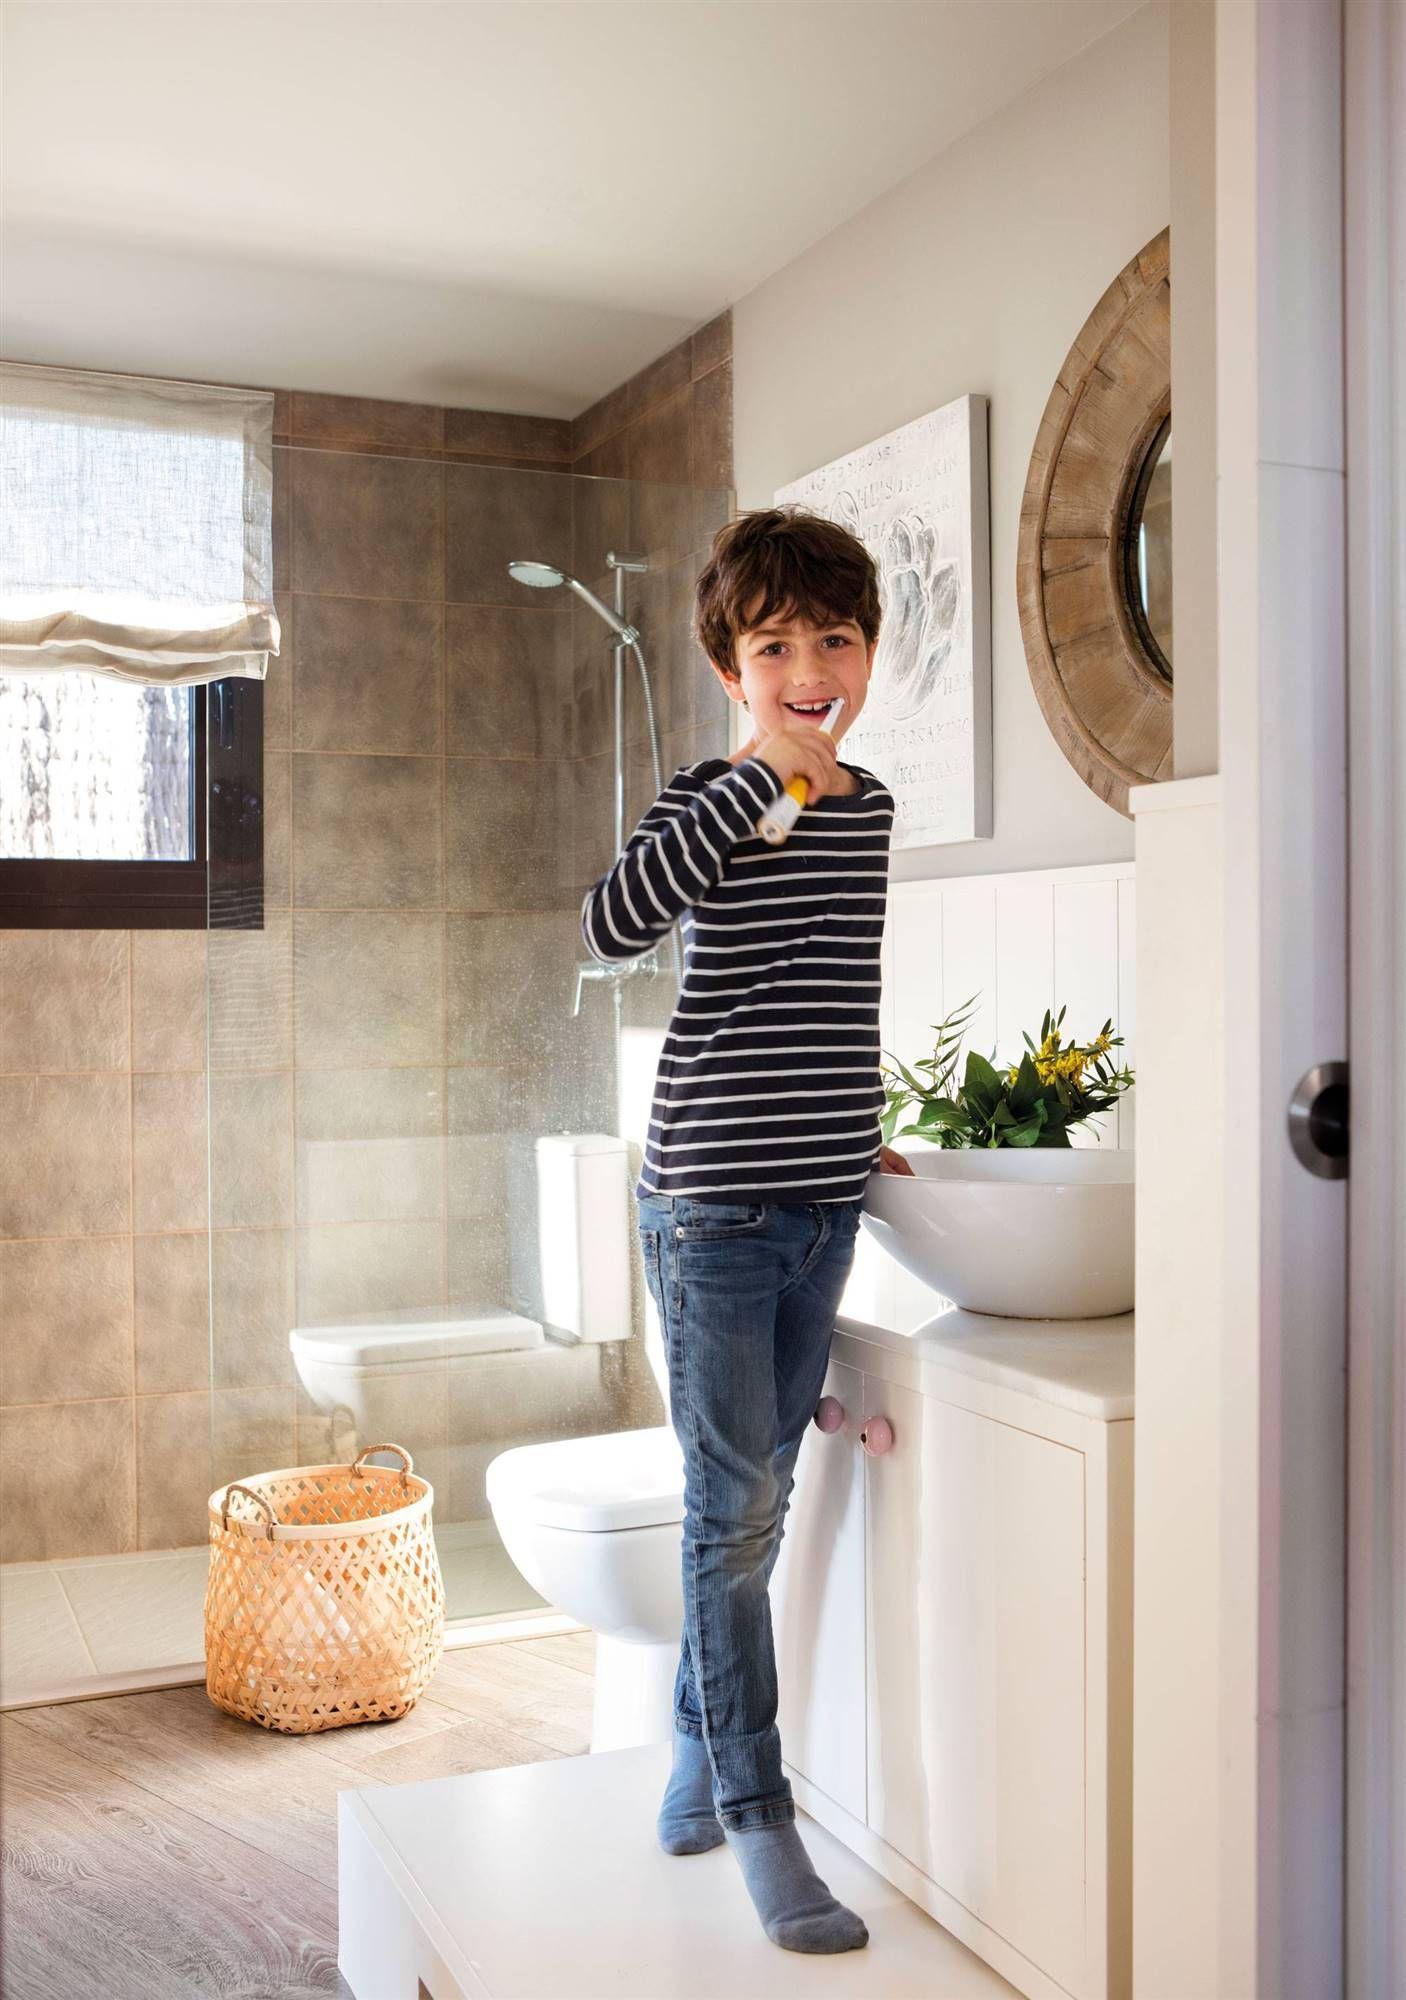 Facilita su acceso al lavamanos   Lavamanos, Habitación ...